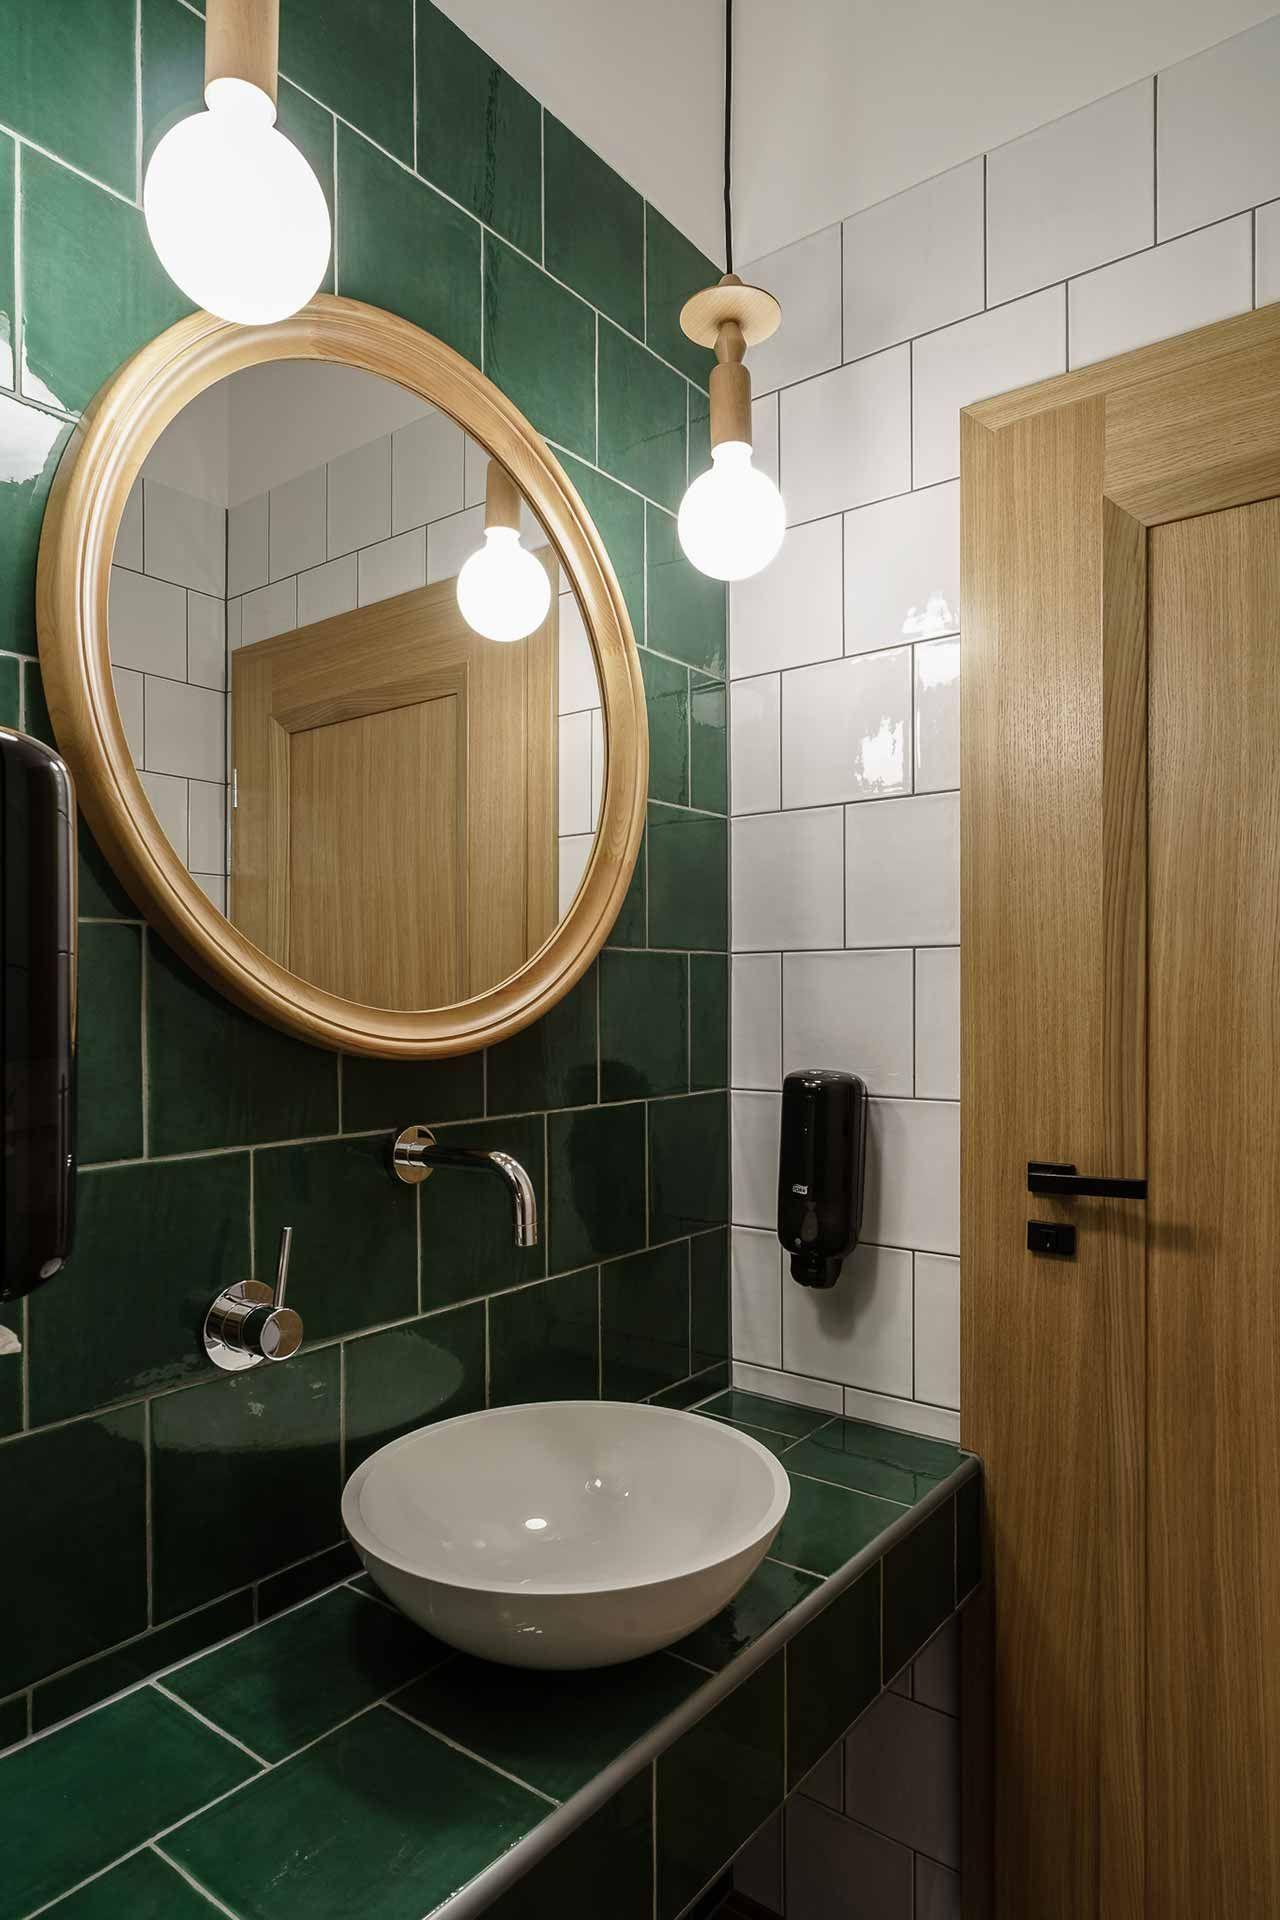 Pasta Miasta Dining Italian Style In Gdynia Poland Yatzer Restroom Decor Restaurant Bathroom Bathroom Design